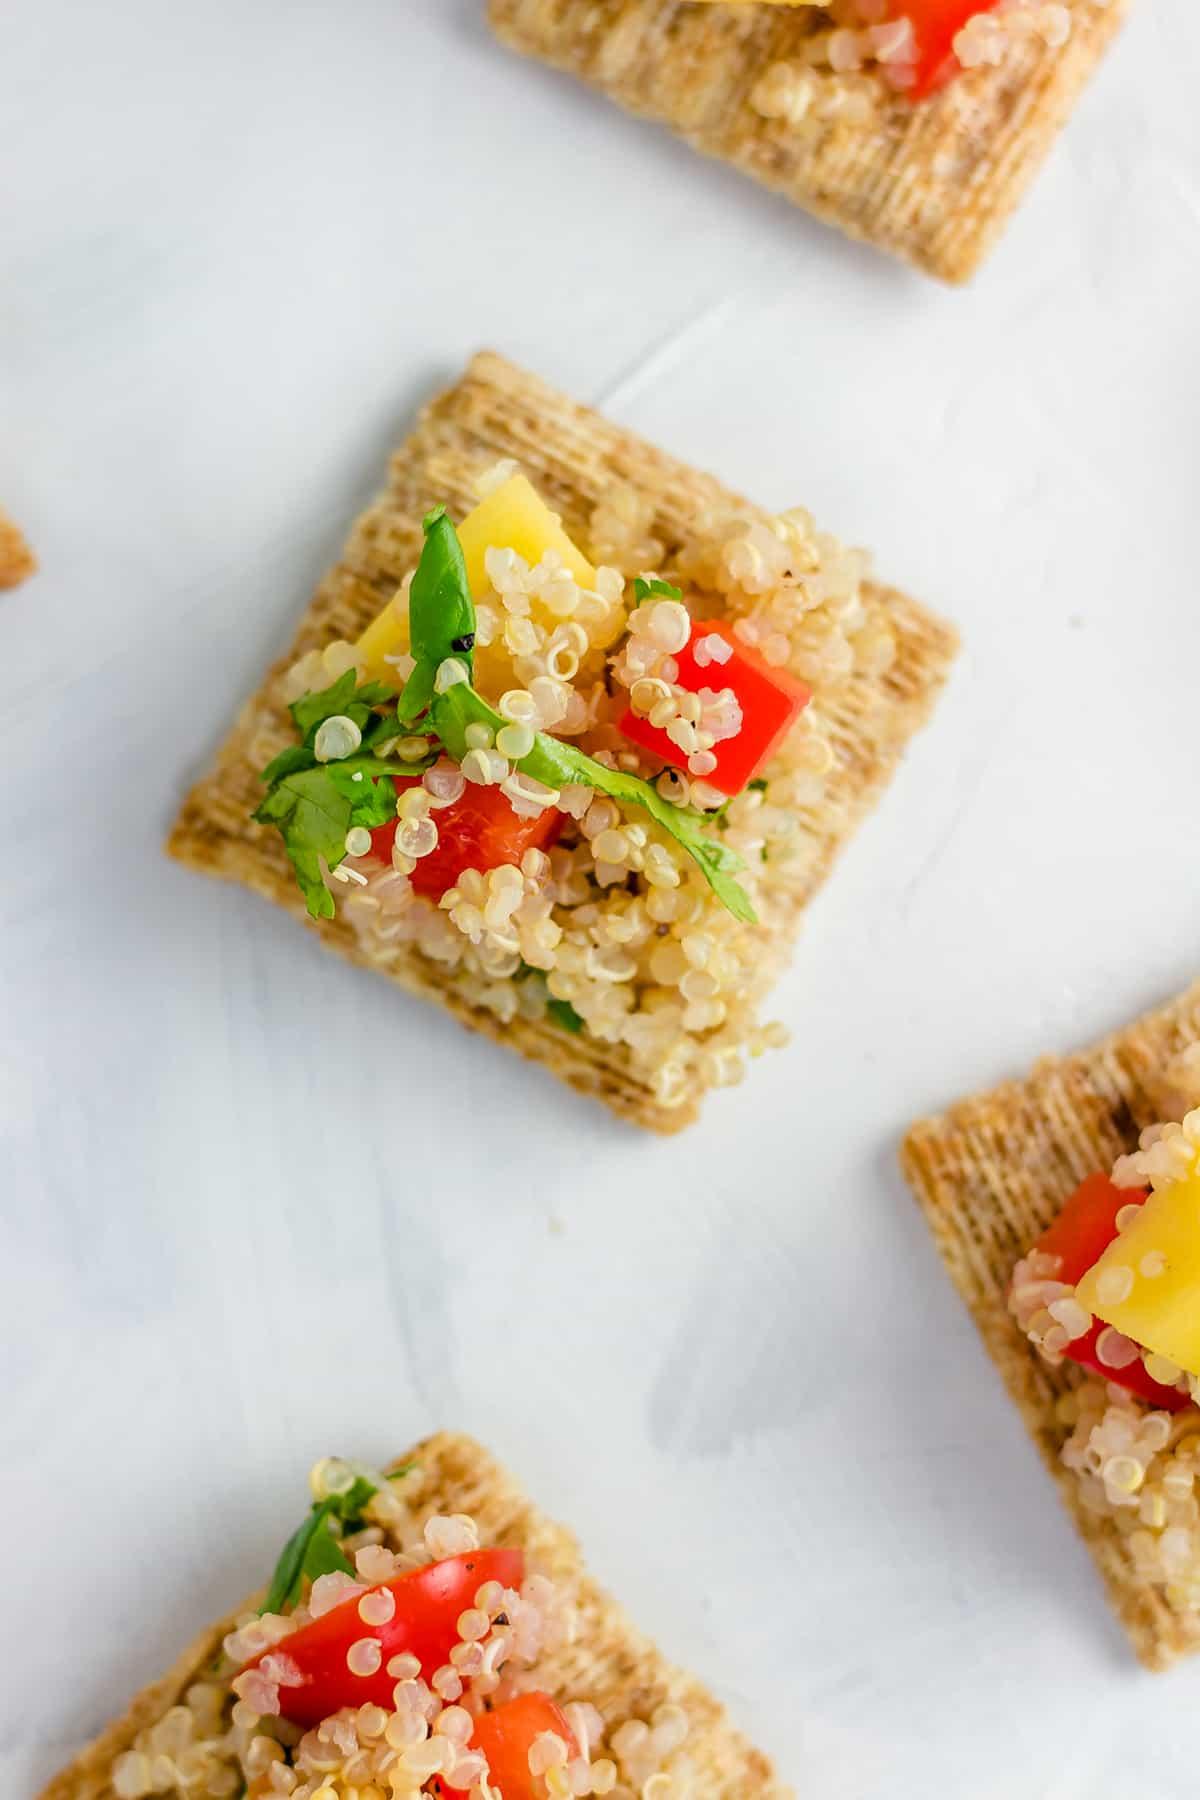 TRISCUIT Crackers with Quinoa Mango Salad